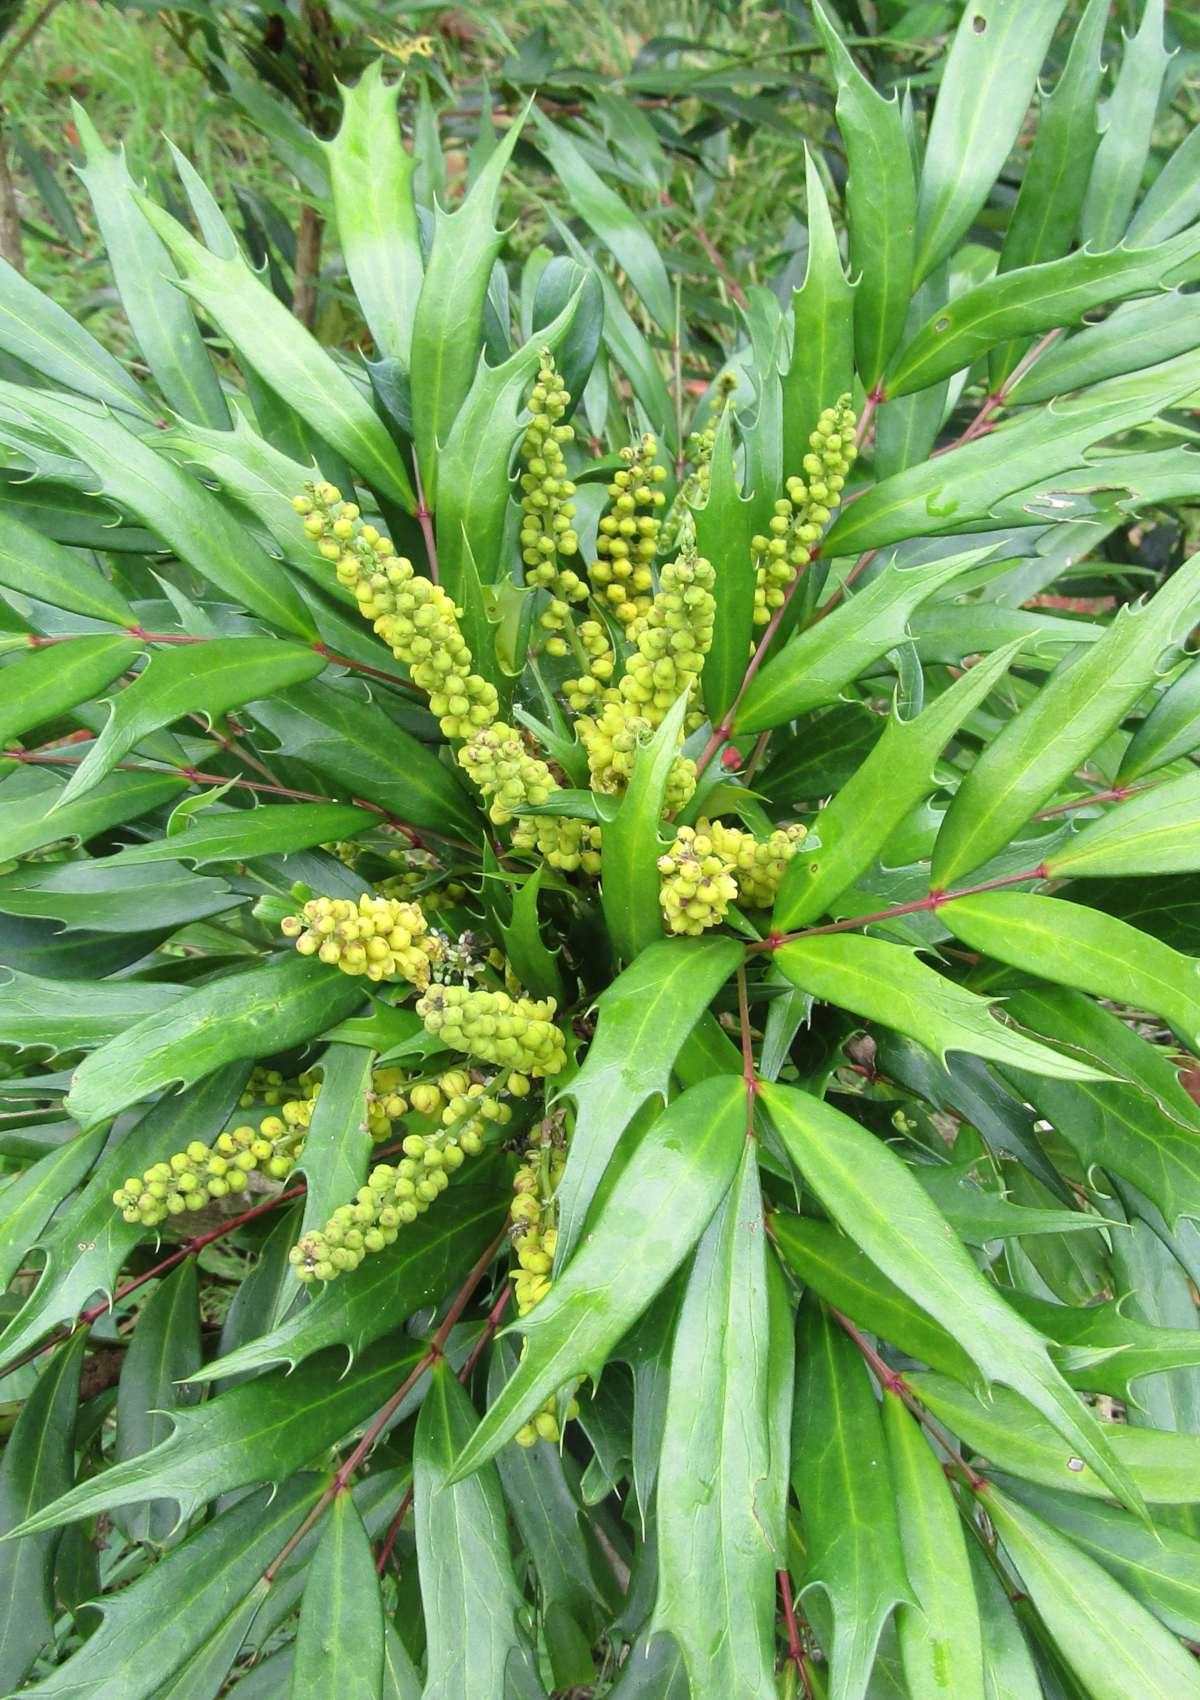 Mahonia eurybracteata, a yellow-blooming shrub for fall